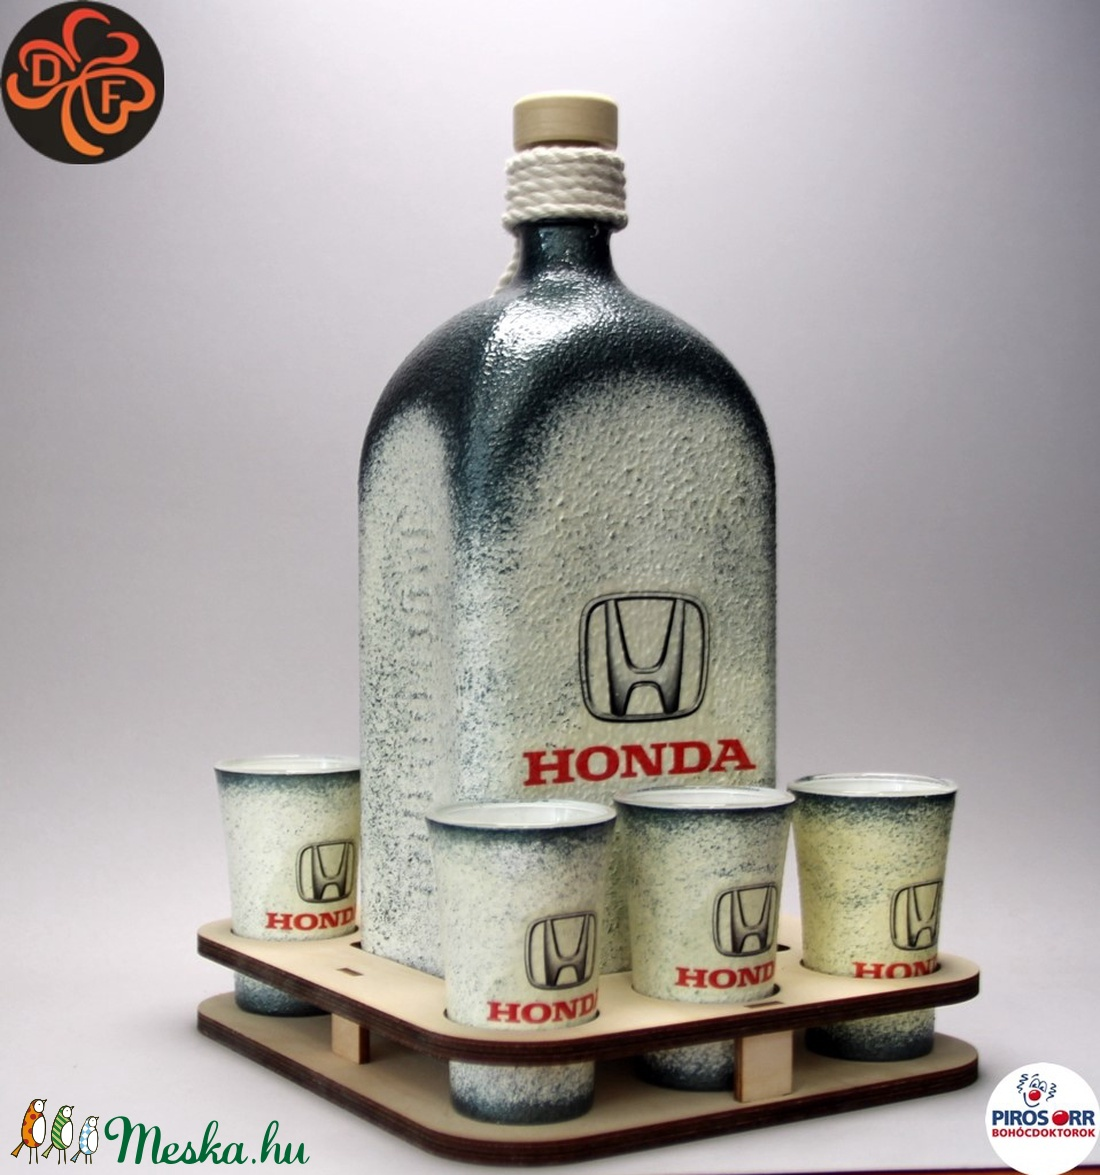 HONDA pálinka tartó szett ; Saját Honda autód fotójával is elkészítjük ! (decorfantasy) - Meska.hu